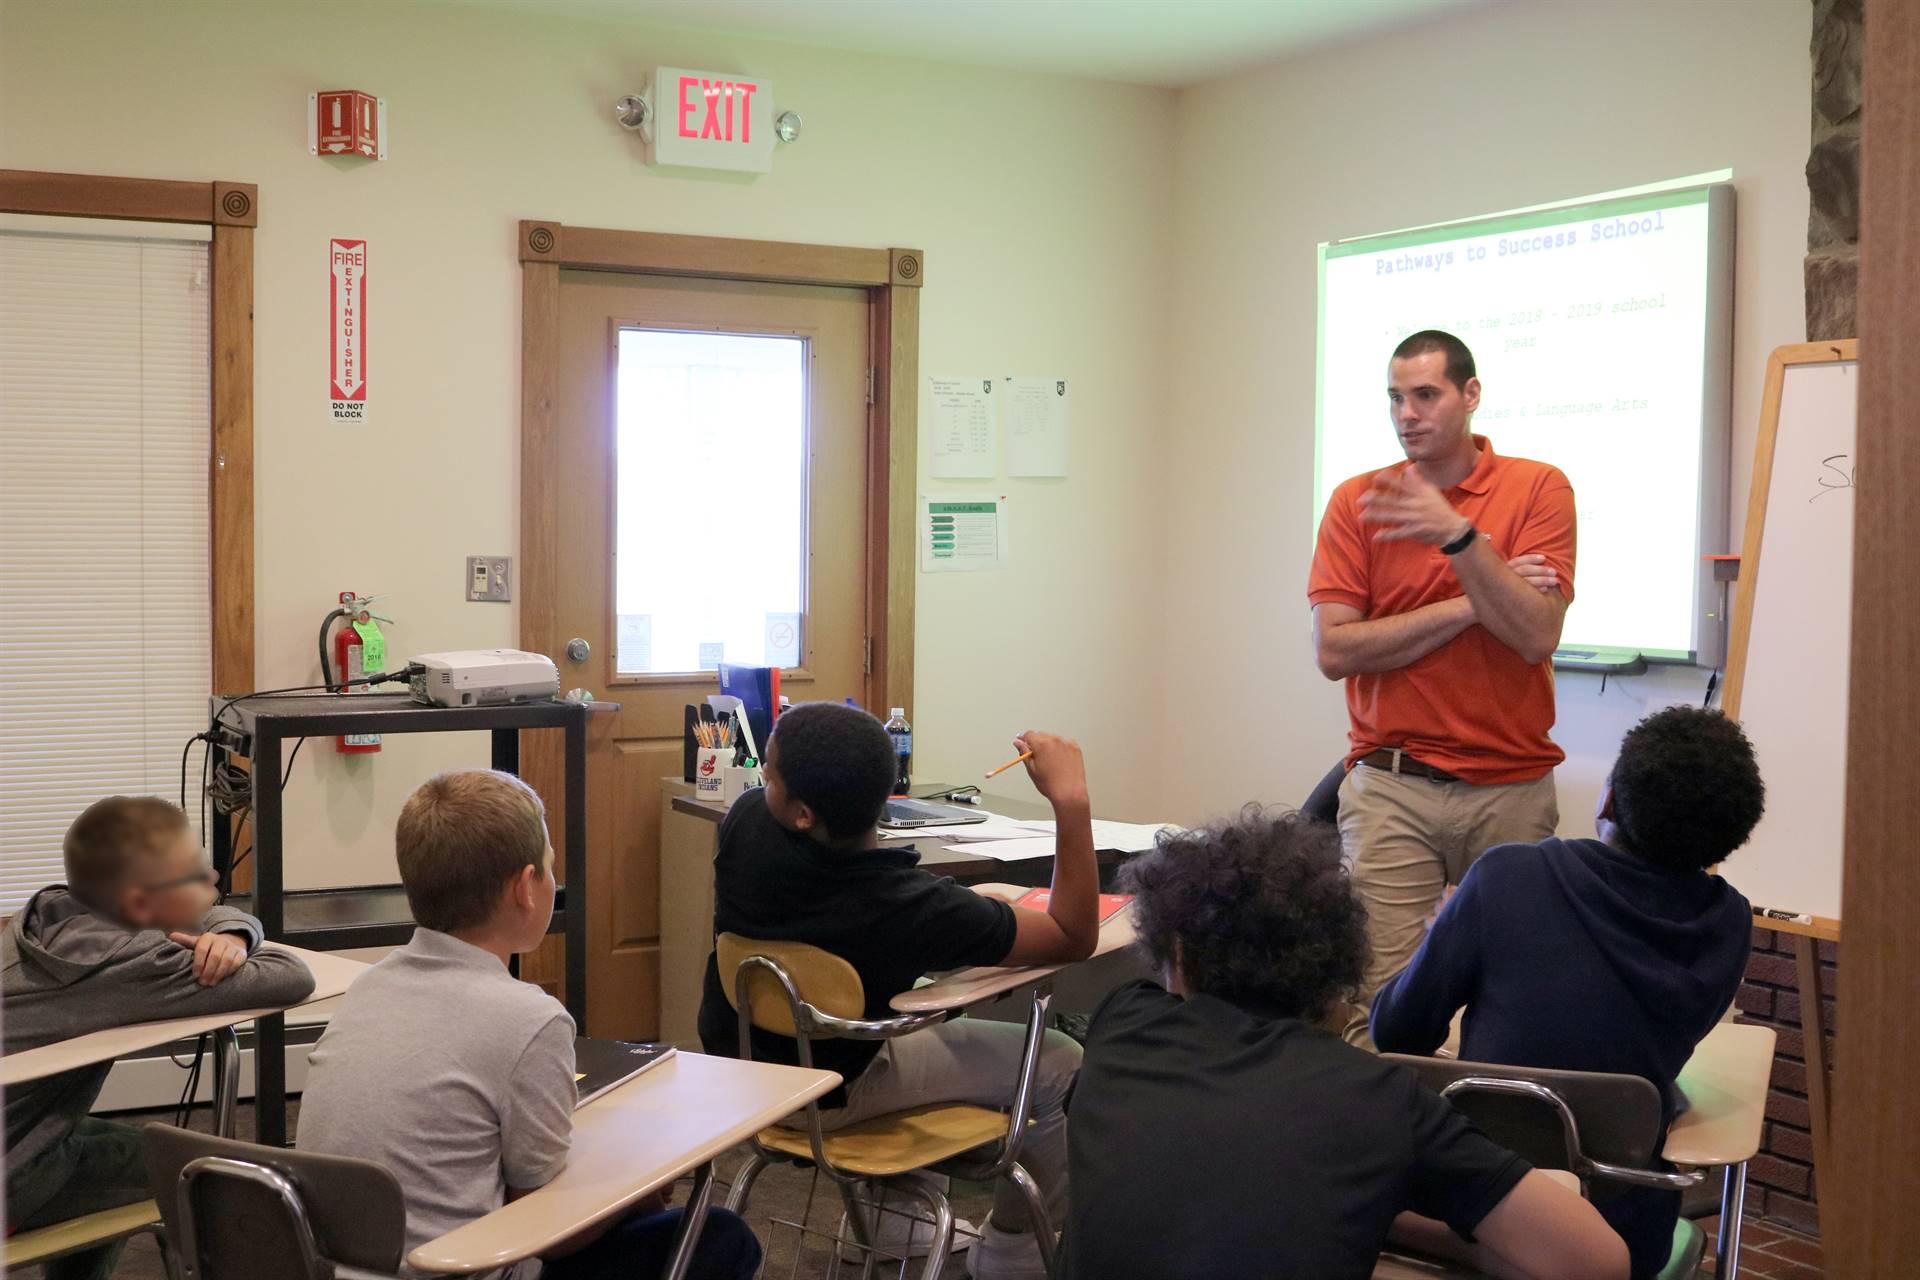 male teacher teaching 5 males